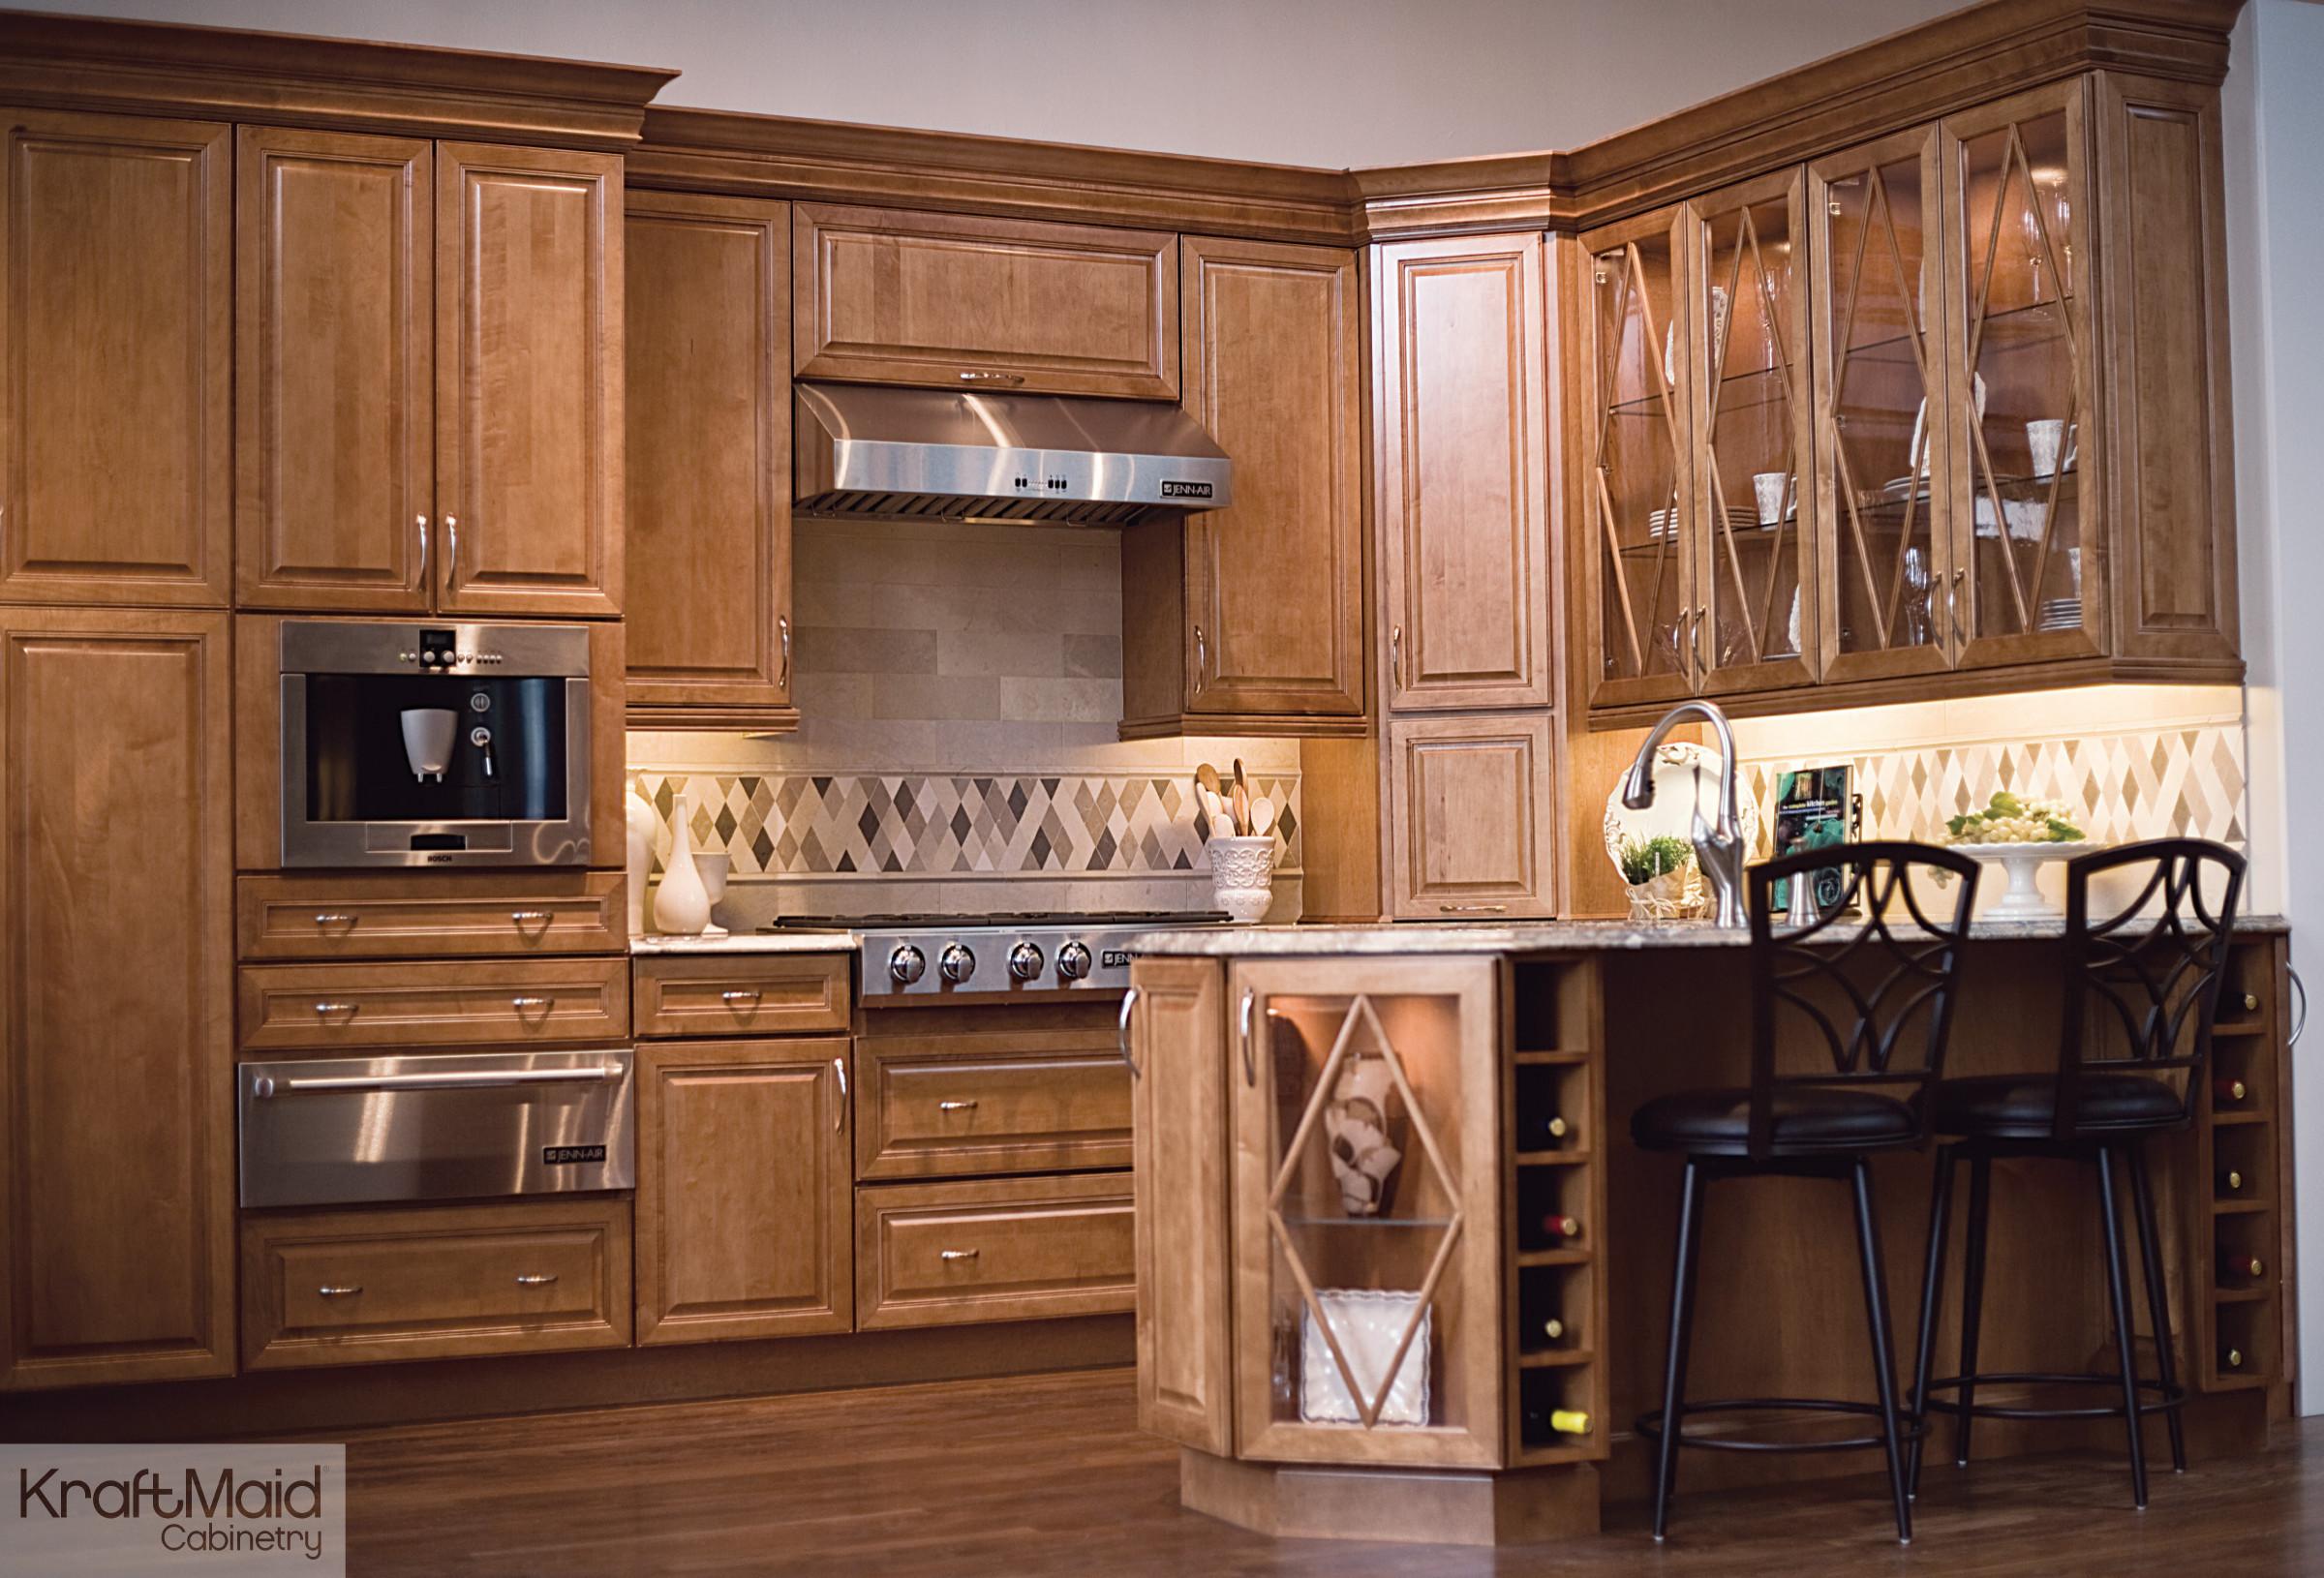 kraftmaid harper maple cabinets houzz